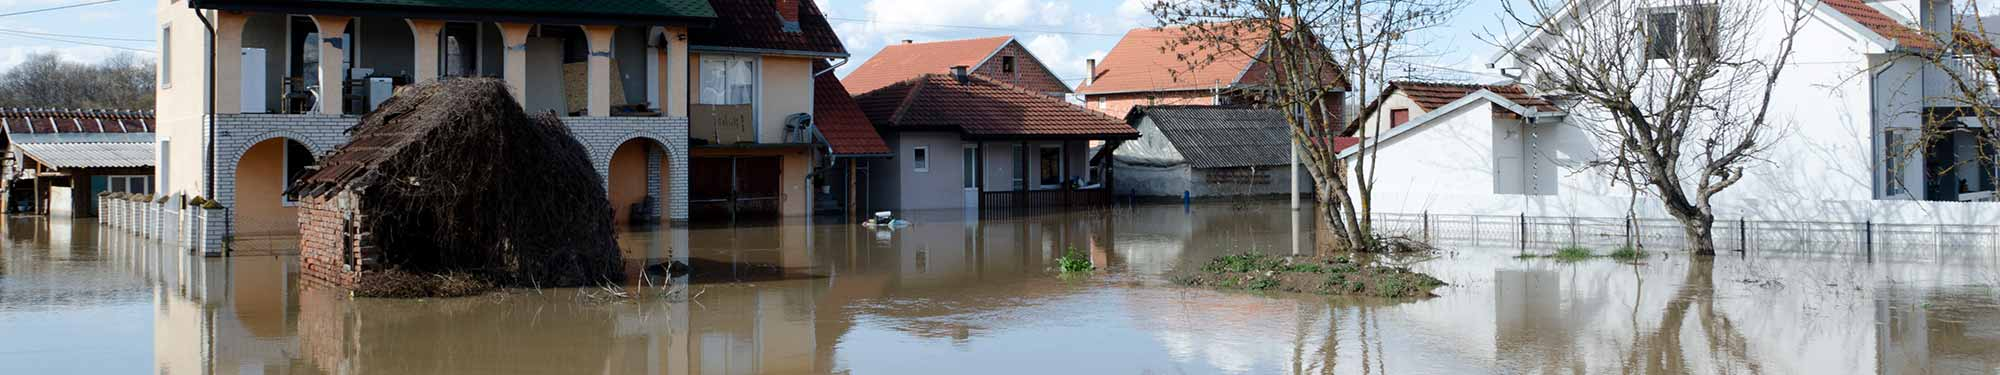 National Flood Insurance Program   SD DPS